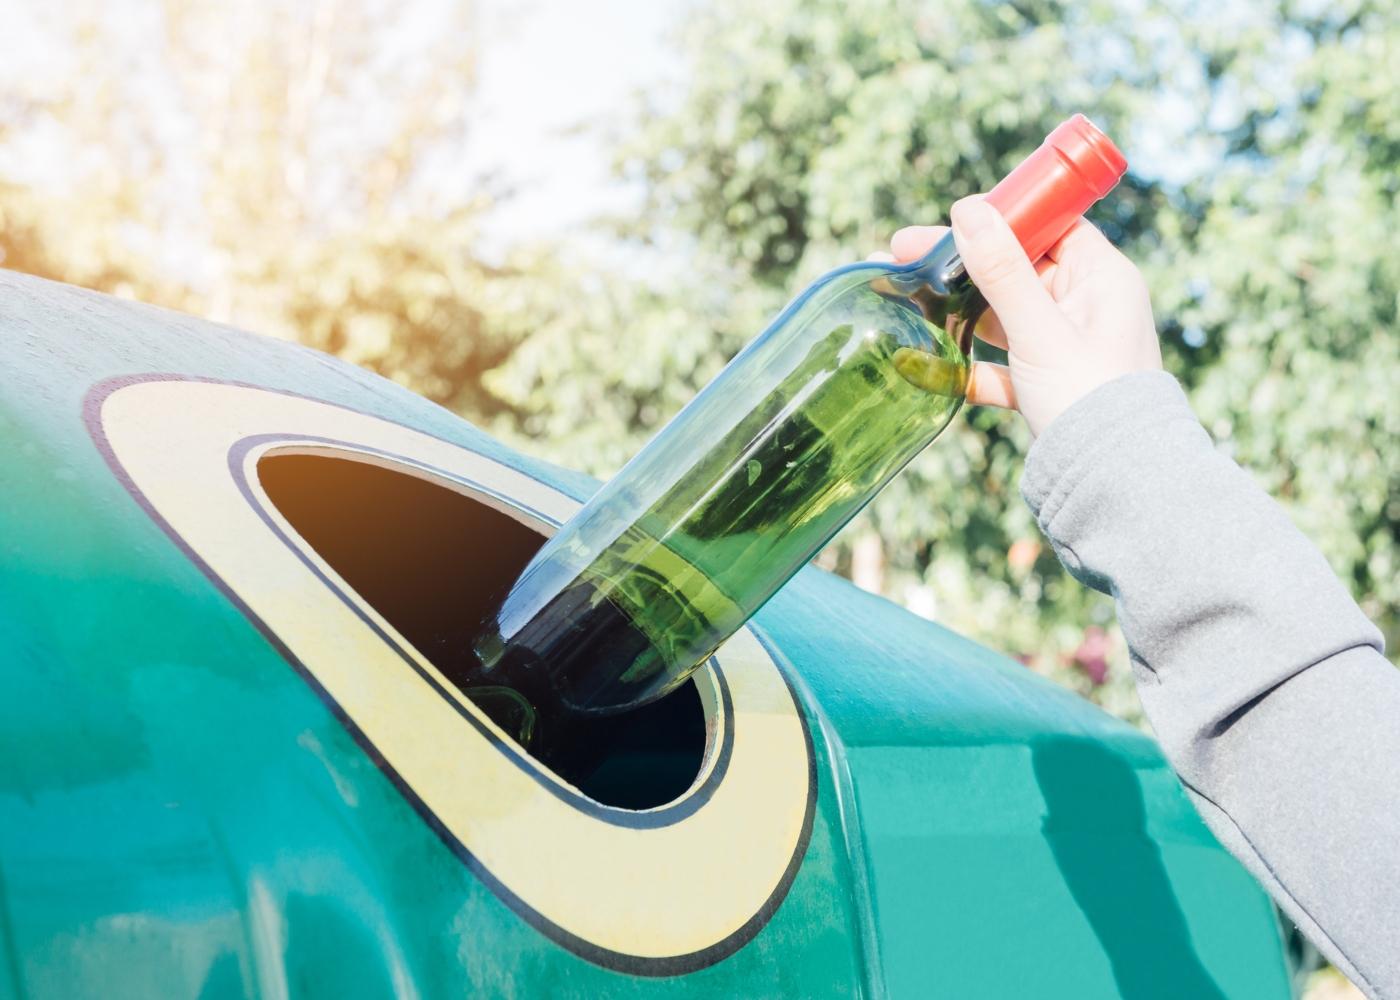 Mulher a colocar garrafa de vidro no ecoponto verde